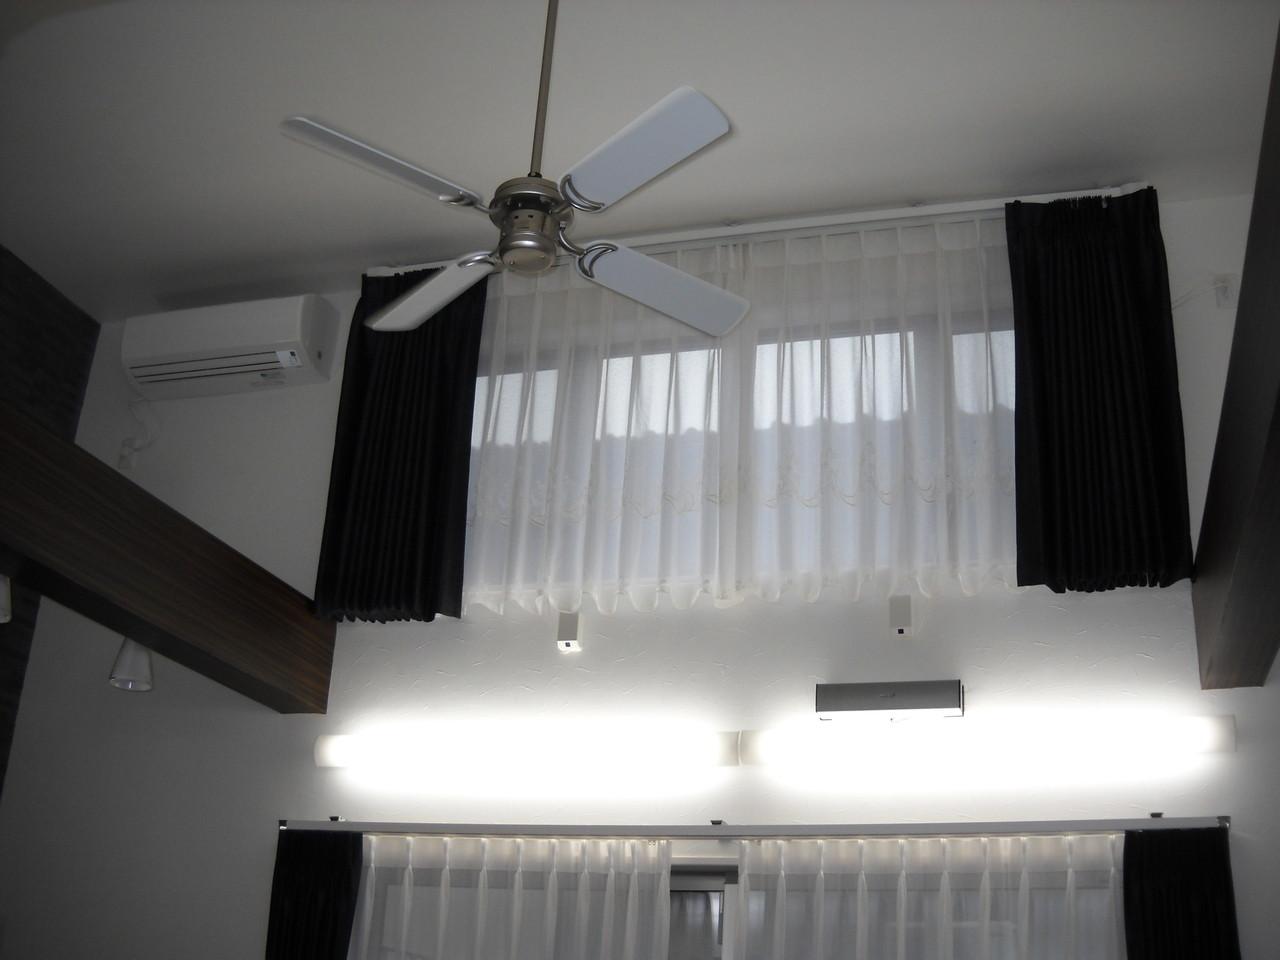 リビング上部に窓を設けることで明るいリビング